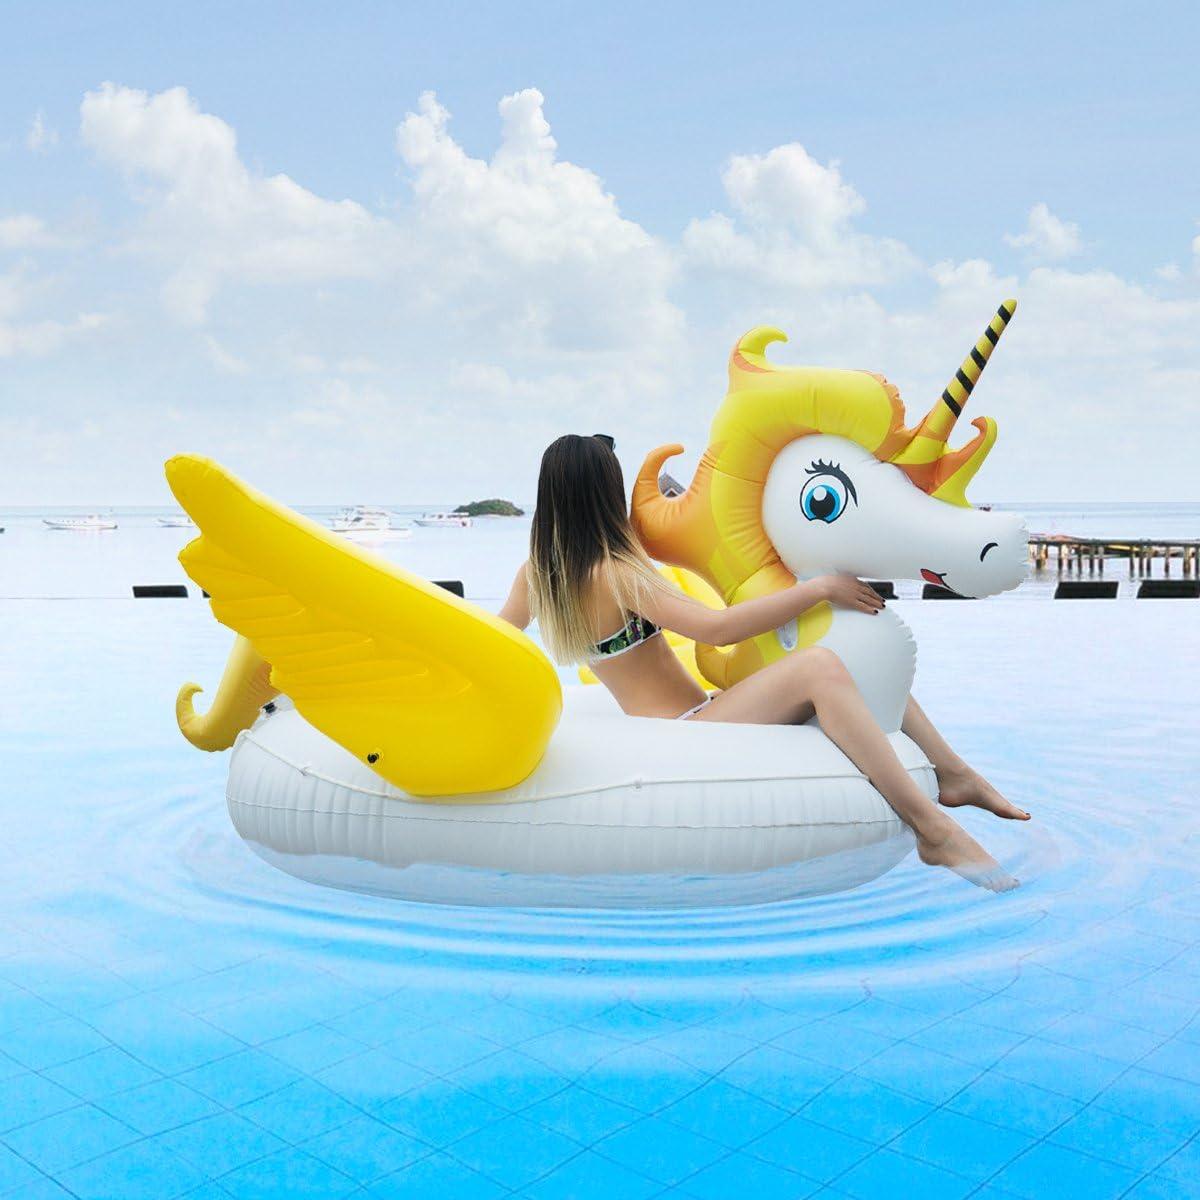 221 cm per piscina e relax HooYL unicorno gigante gonfiabile giocattolo per adulti e bambini